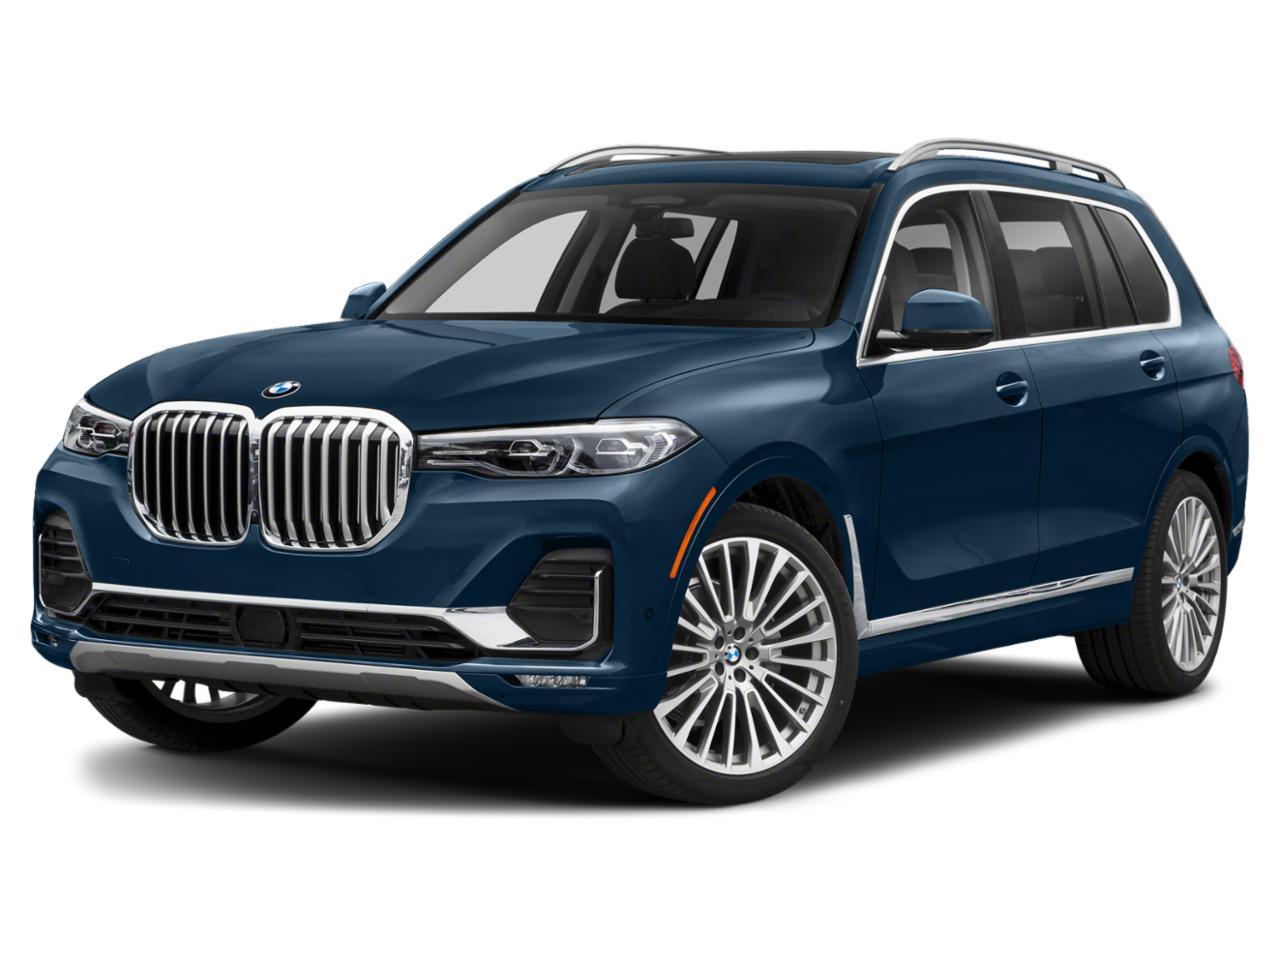 2021 BMW X7 xDrive40i Vehicle Photo in Grapevine, TX 76051